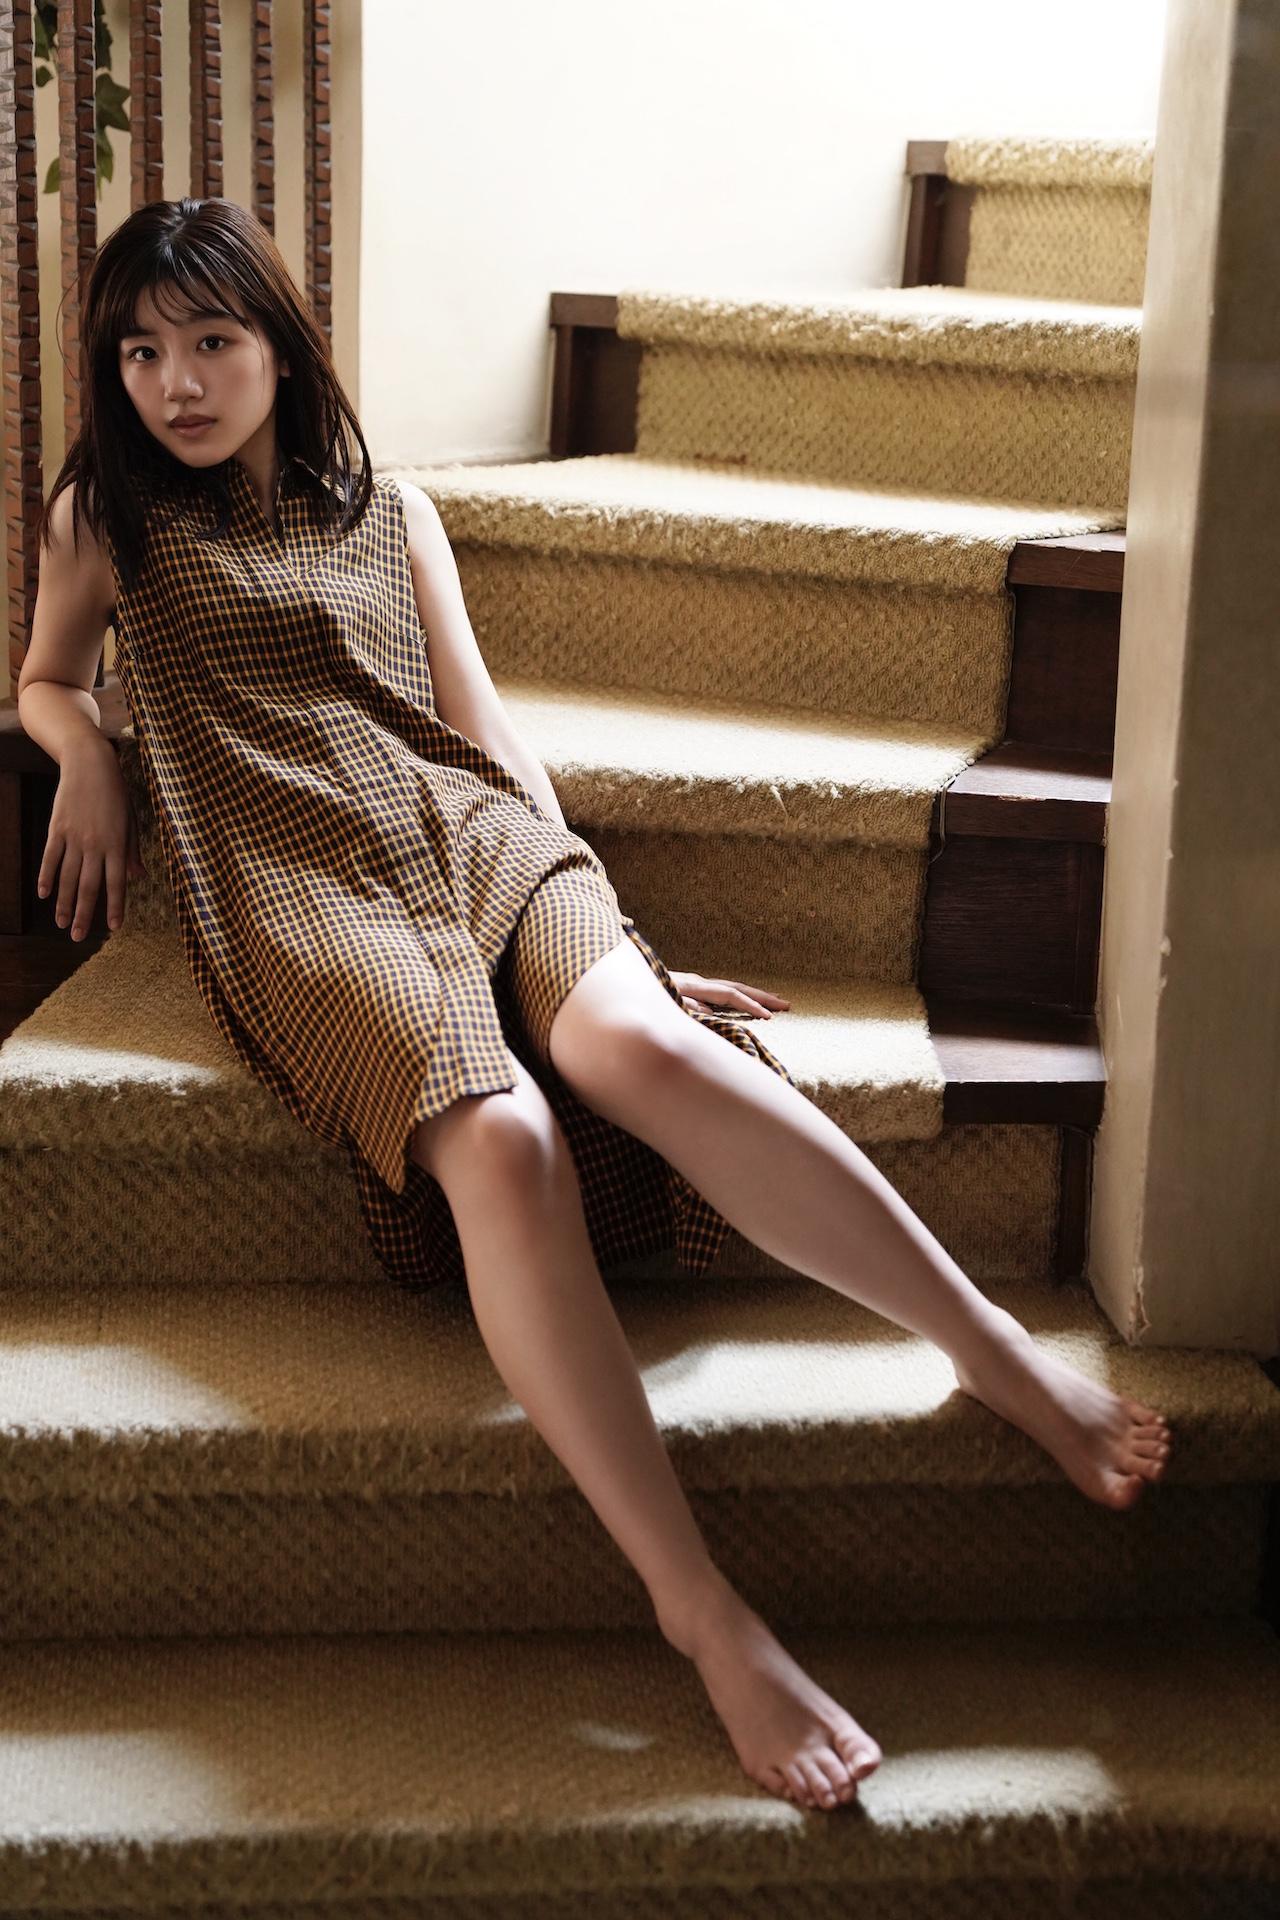 しなやかな肢体と美肌を披露。画像は、「blt graph.」 vol.59(東京ニュース通信社)